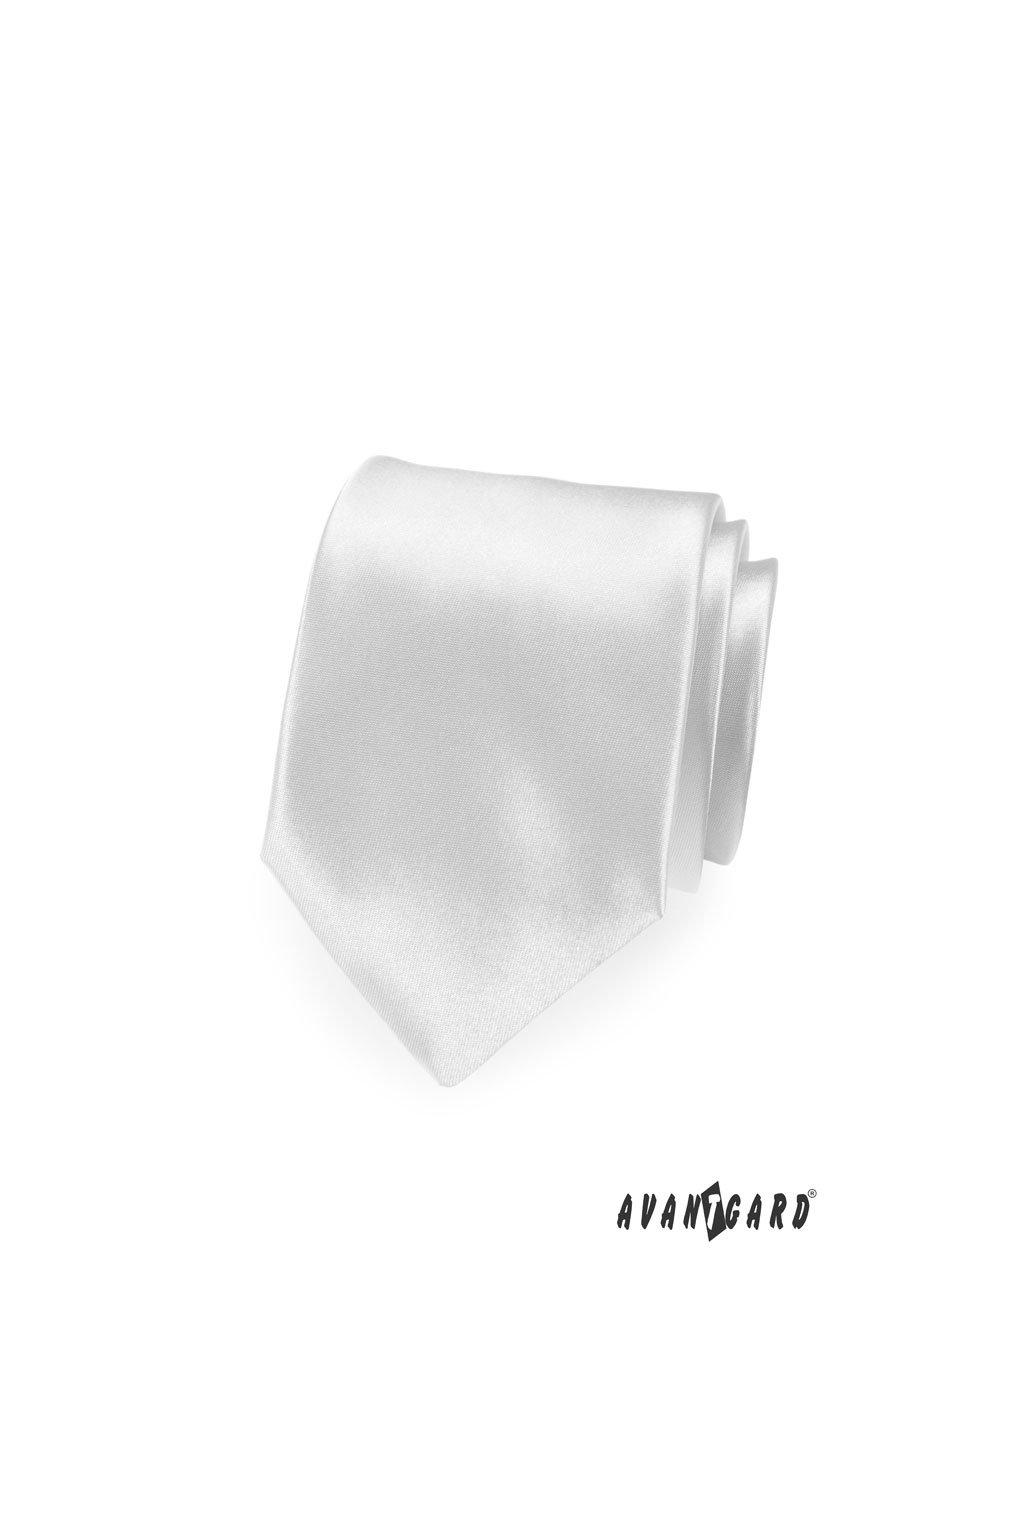 Bílá luxusní kravata lesklá 561 - 9029